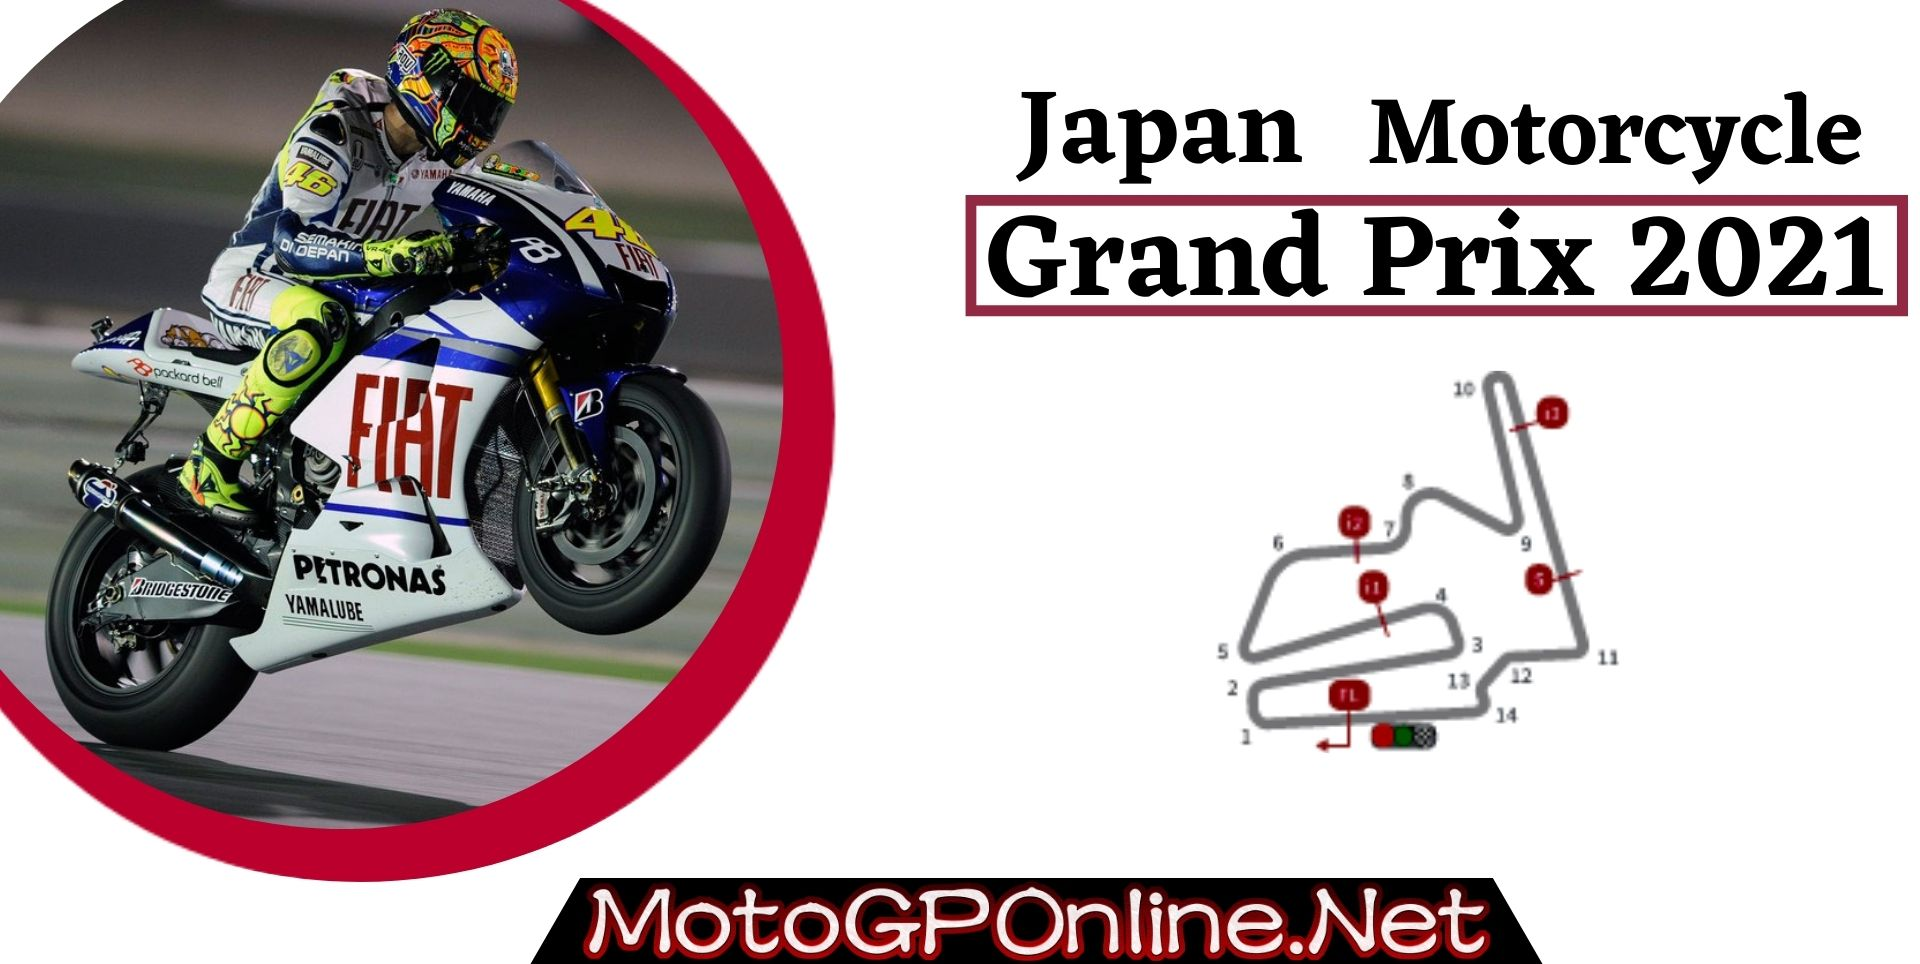 Japan Grand Prix Live Stream MotoGP 2021 | Full Race Replay